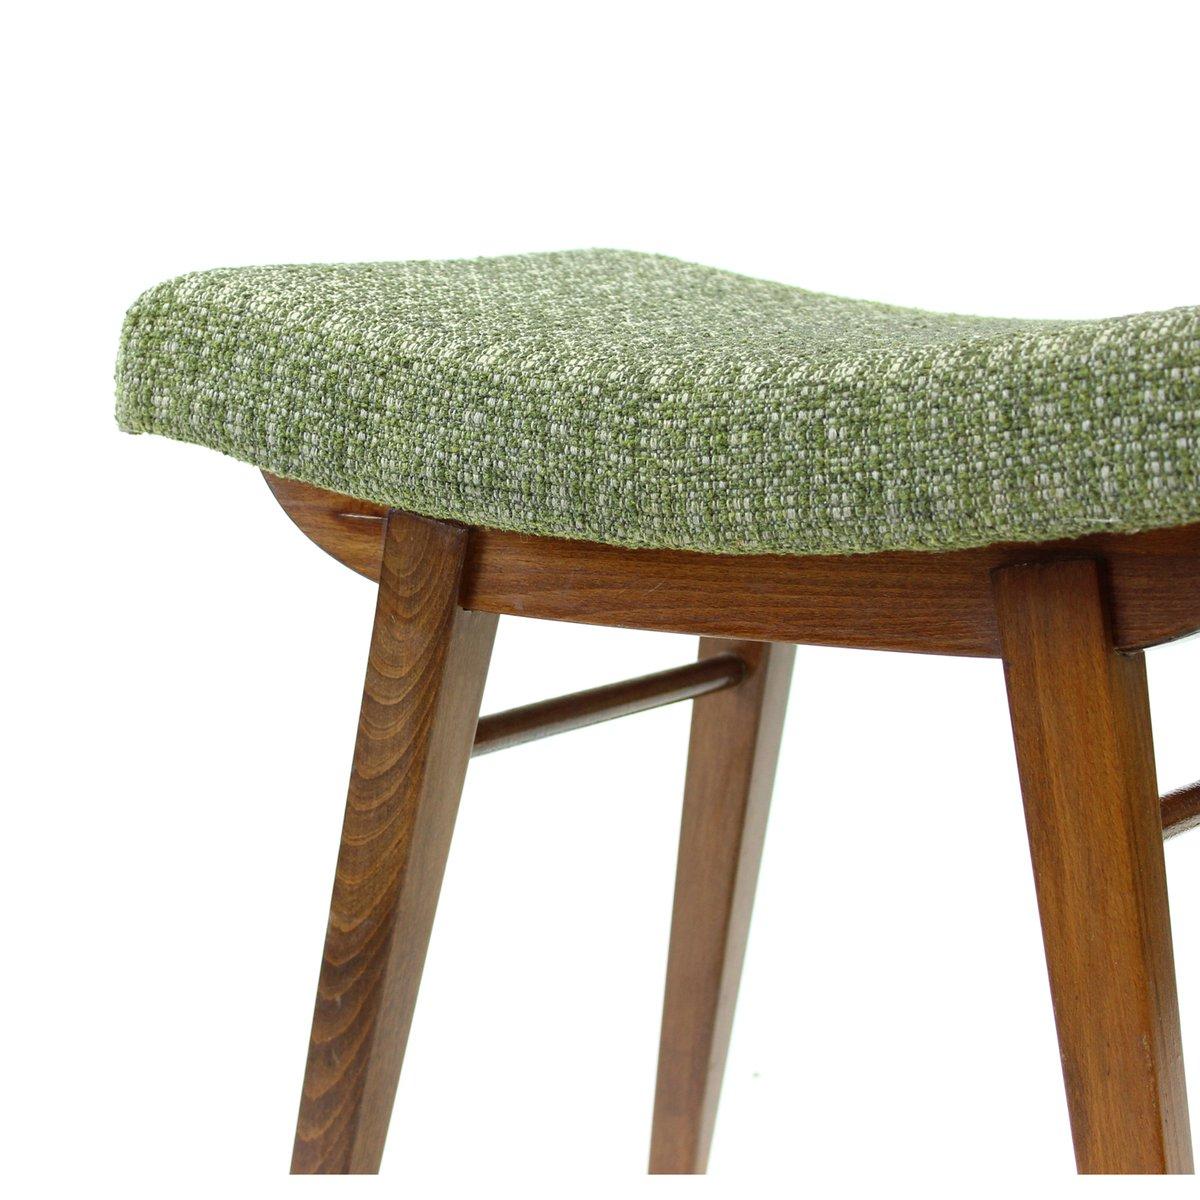 tschechoslowakischer mid century hocker aus dunkler buche 1960er bei pamono kaufen. Black Bedroom Furniture Sets. Home Design Ideas